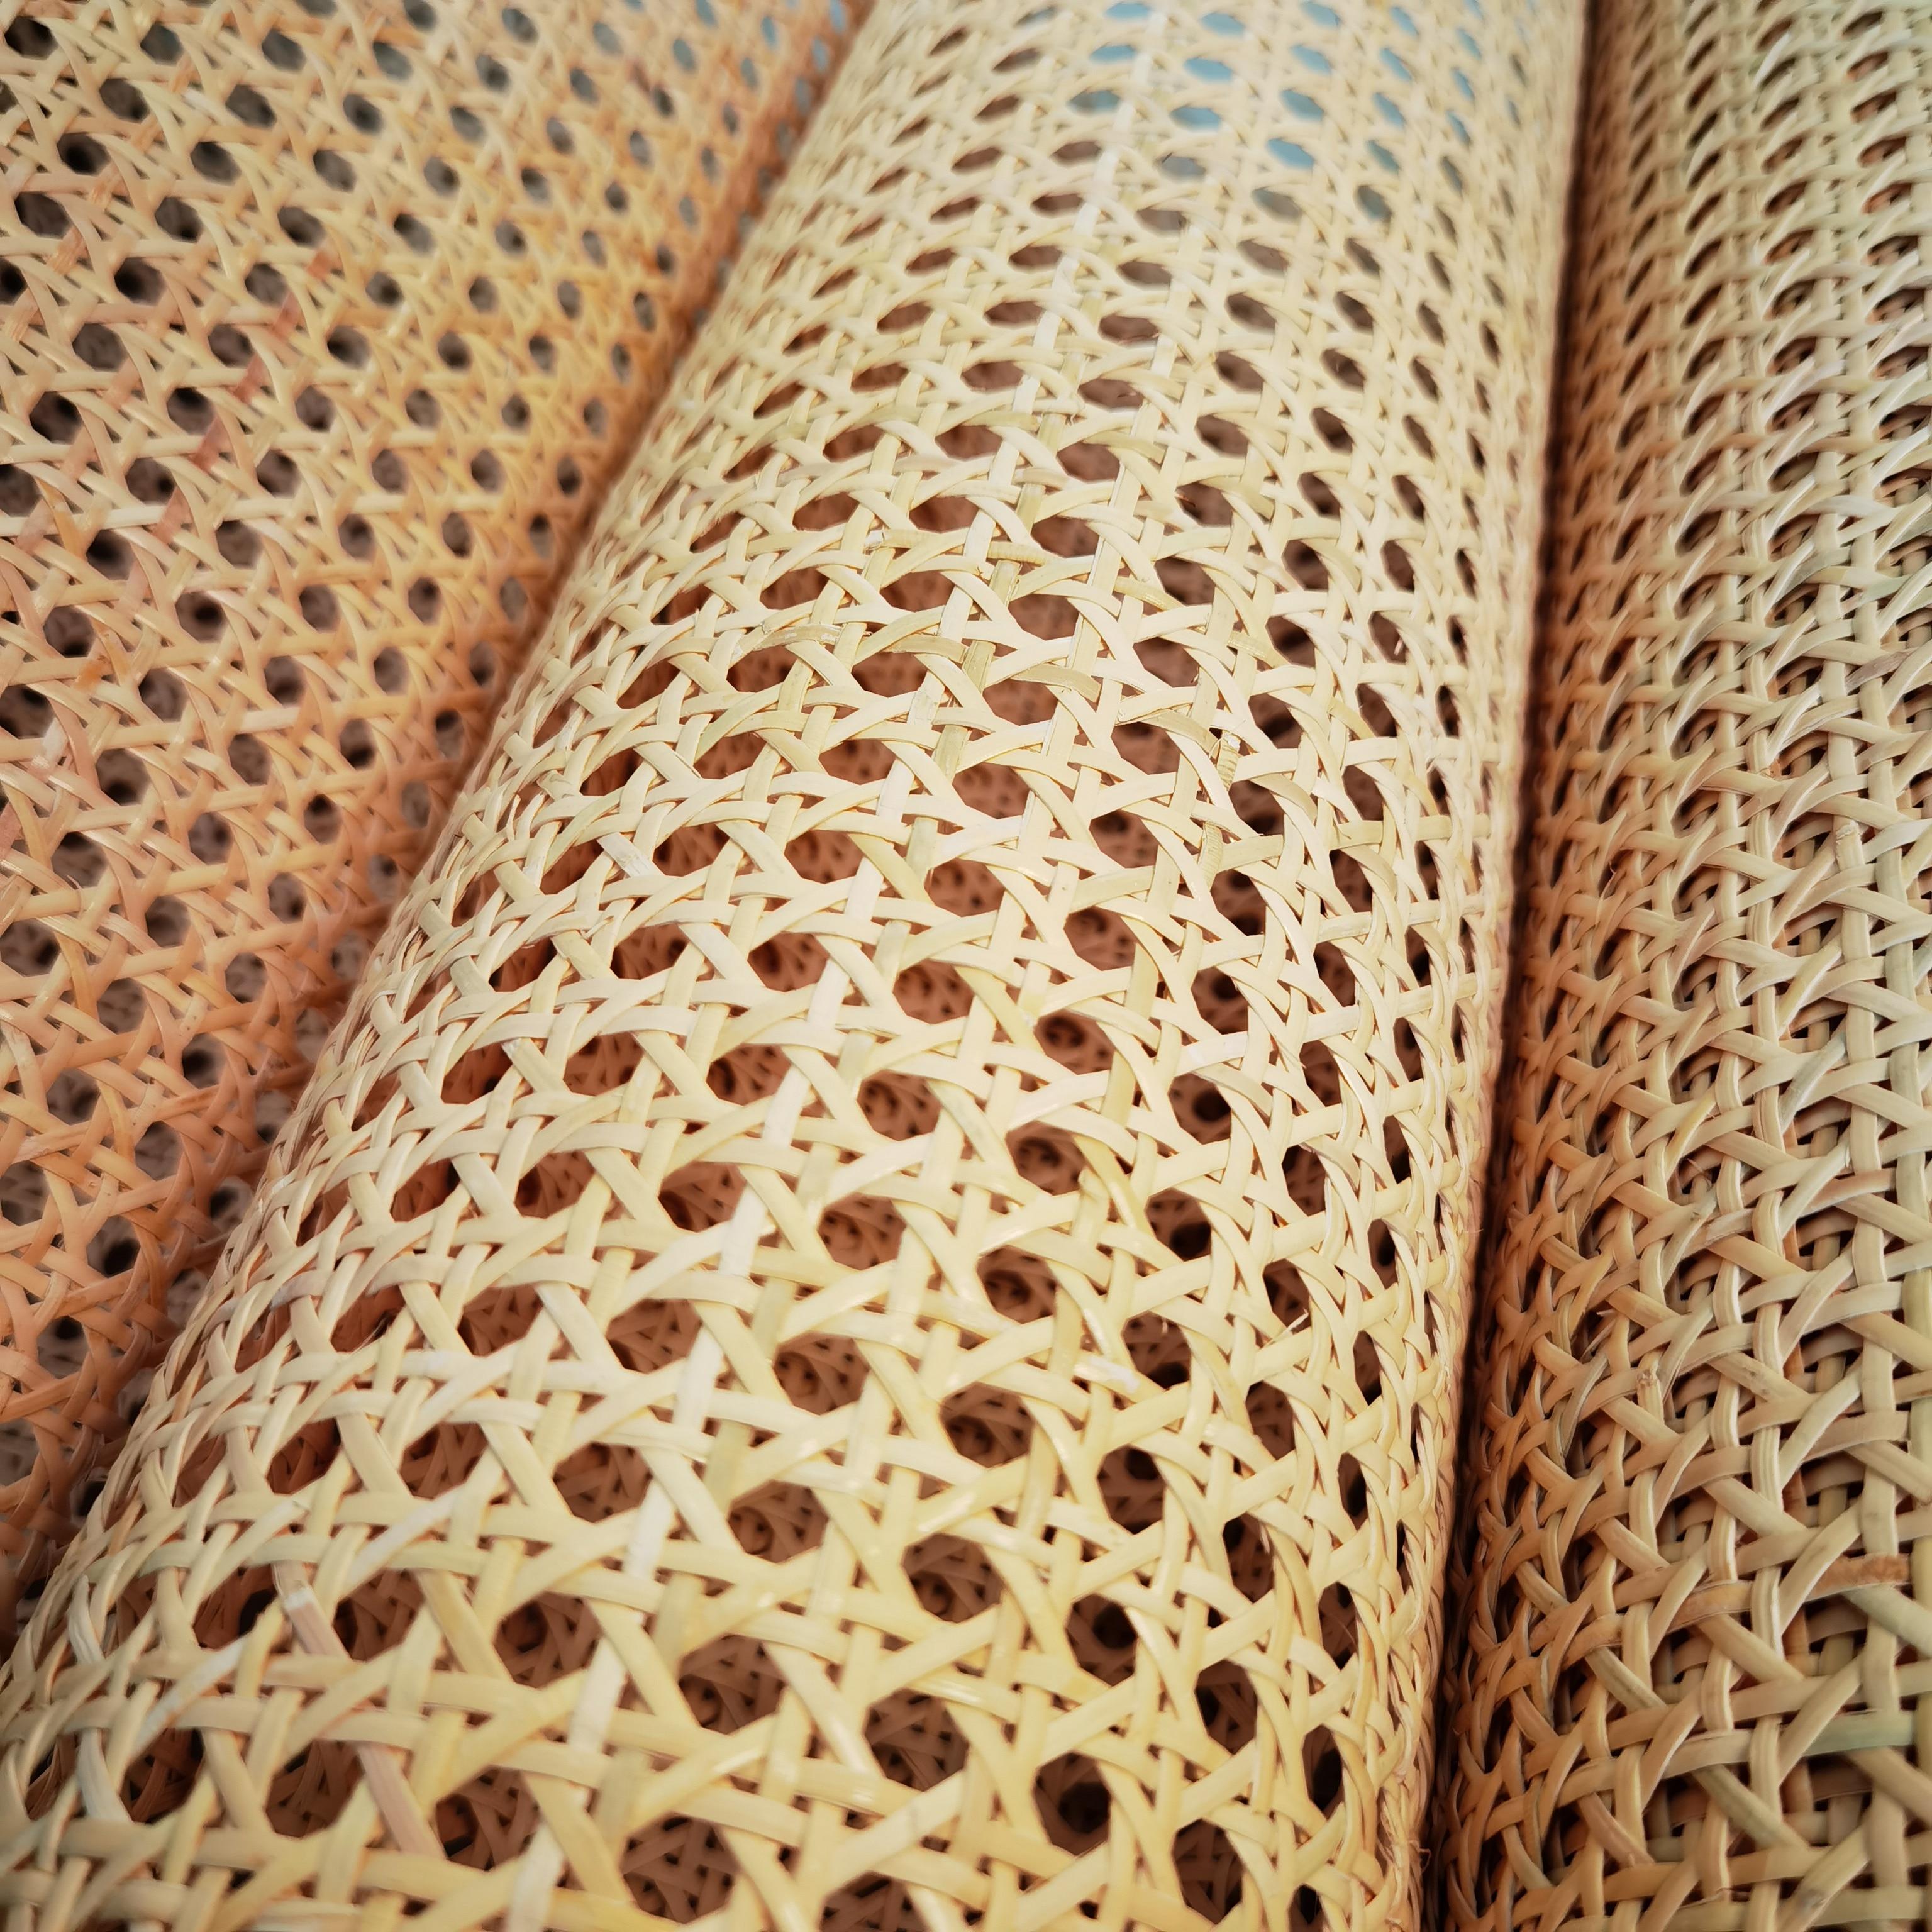 40-70 см Натуральная индонезийская тростниковая тесьма, натуральный ротанговый стул, стол, Потолочный фон, Настенный декор, материал мебели